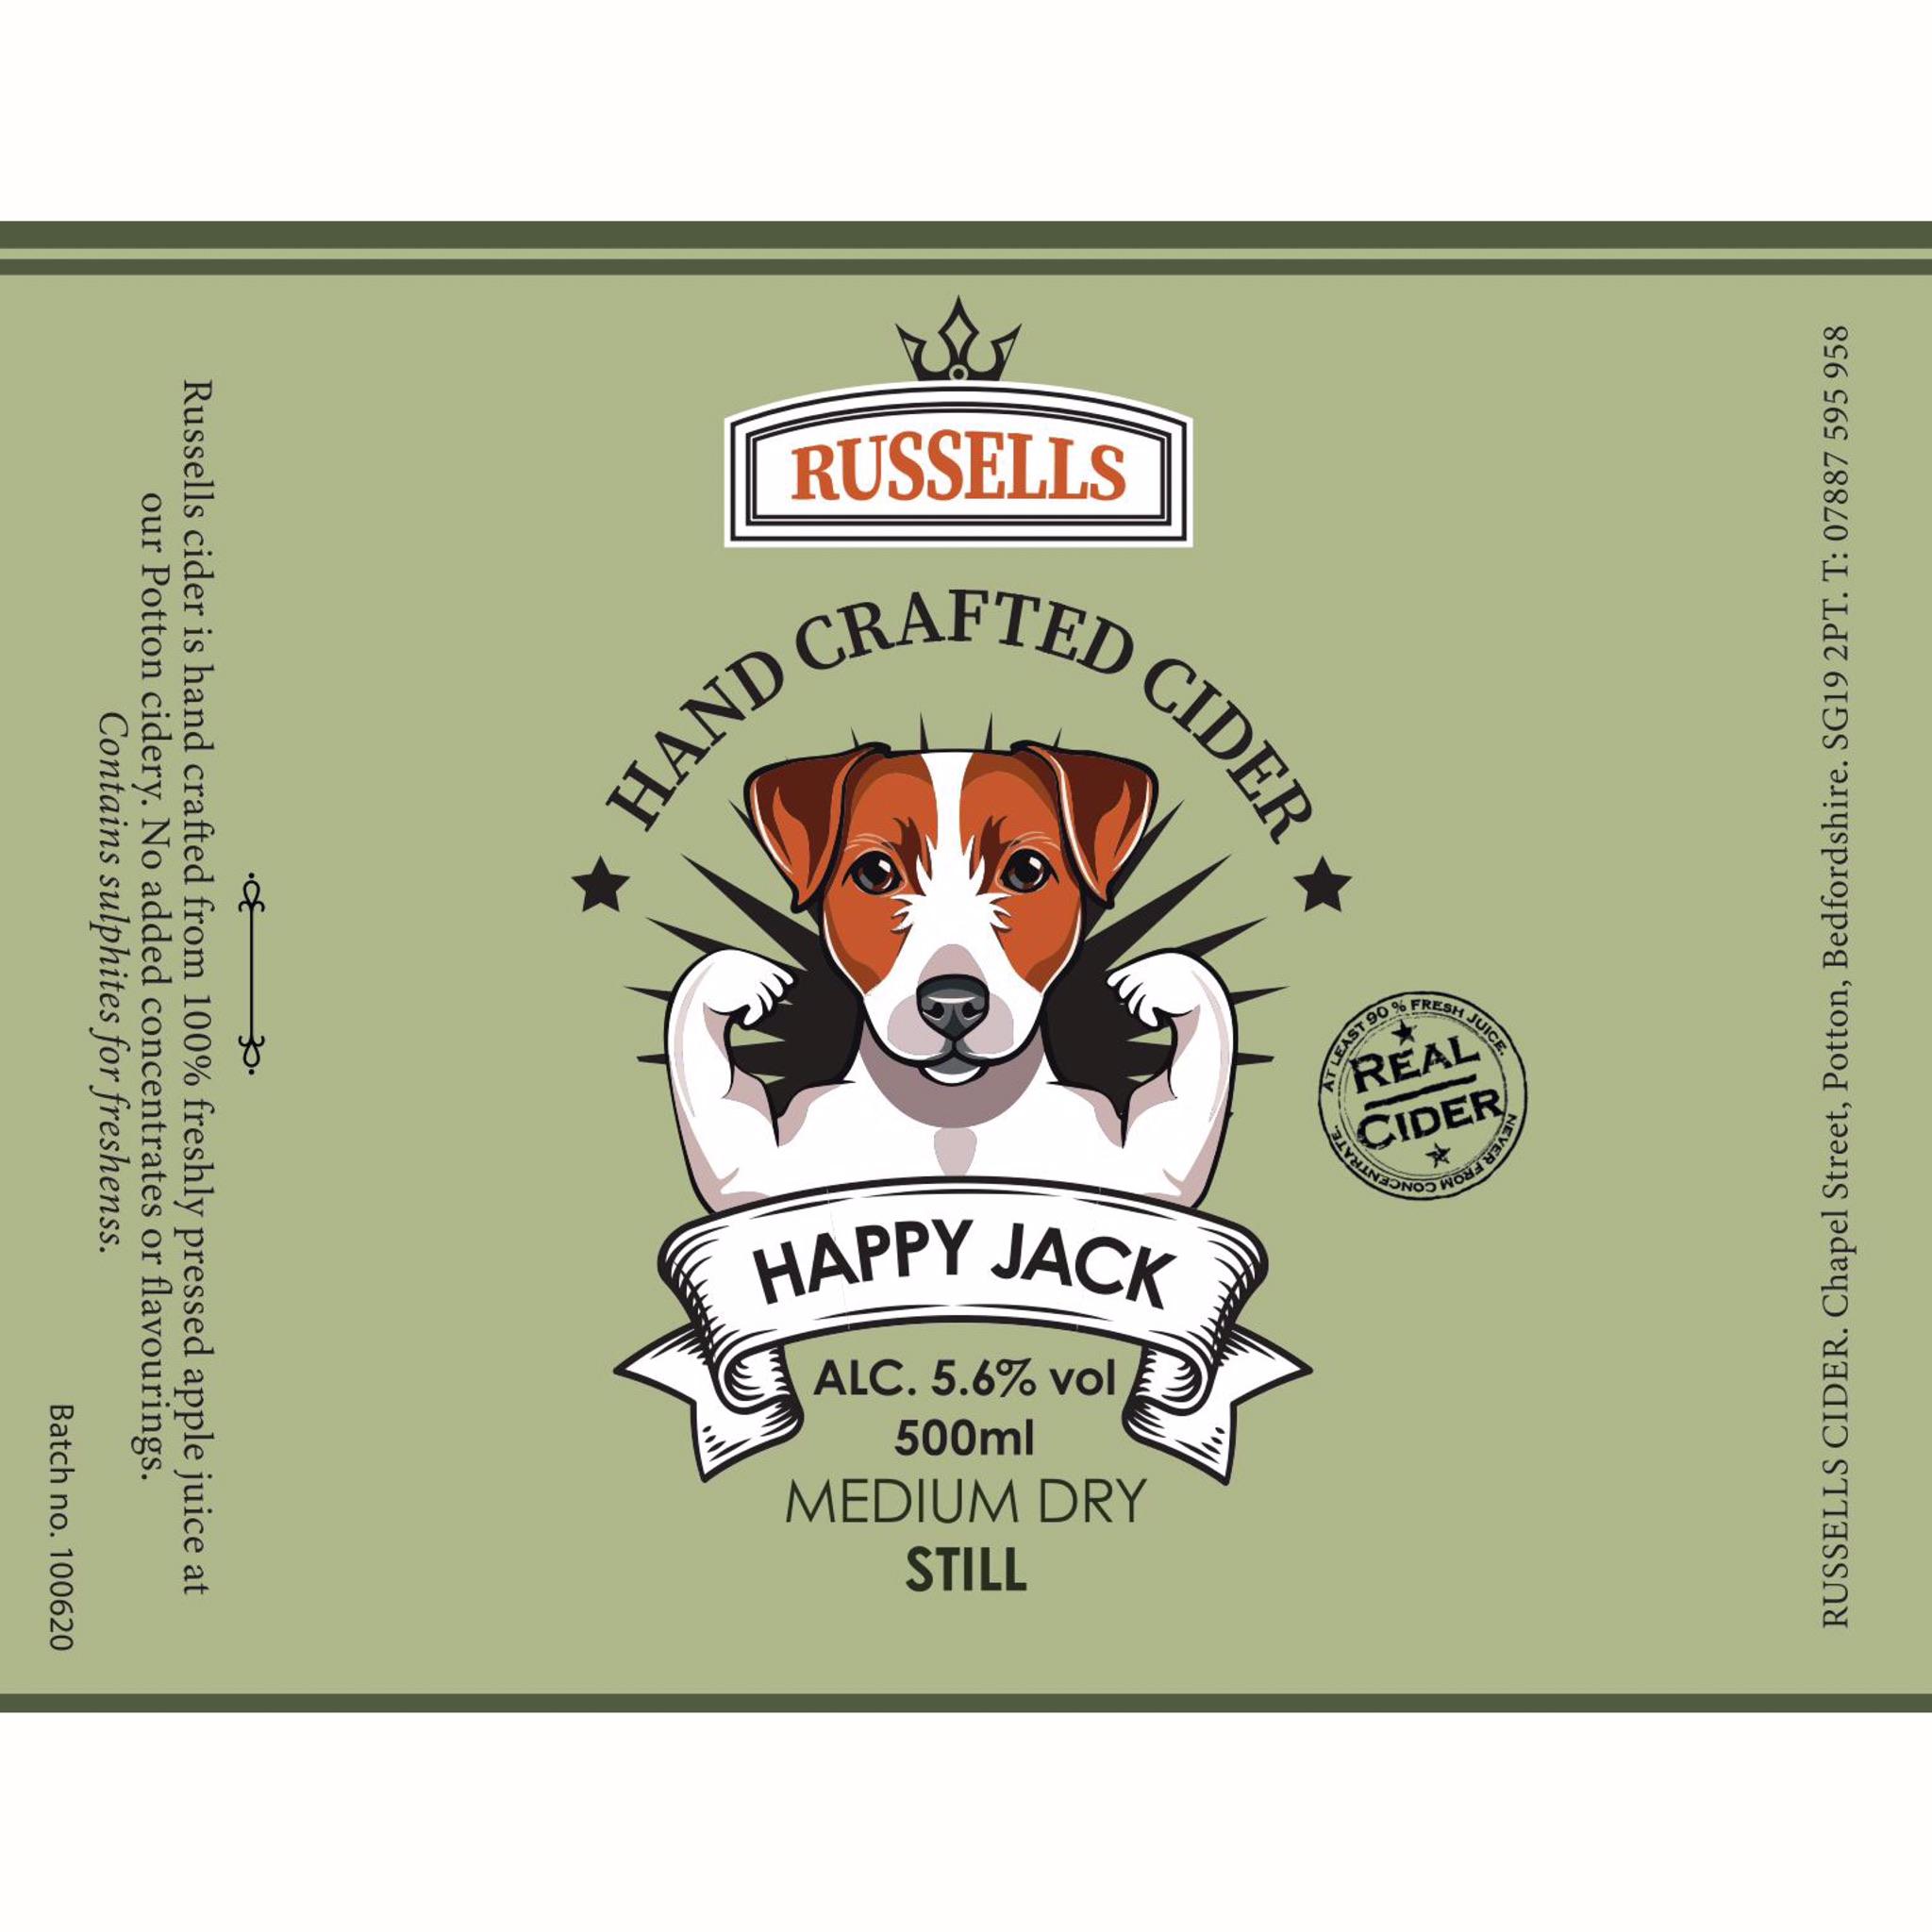 Happy Jack Medium Dry Still Cider 5.6% 500ml Russells Hand Crafted Cider